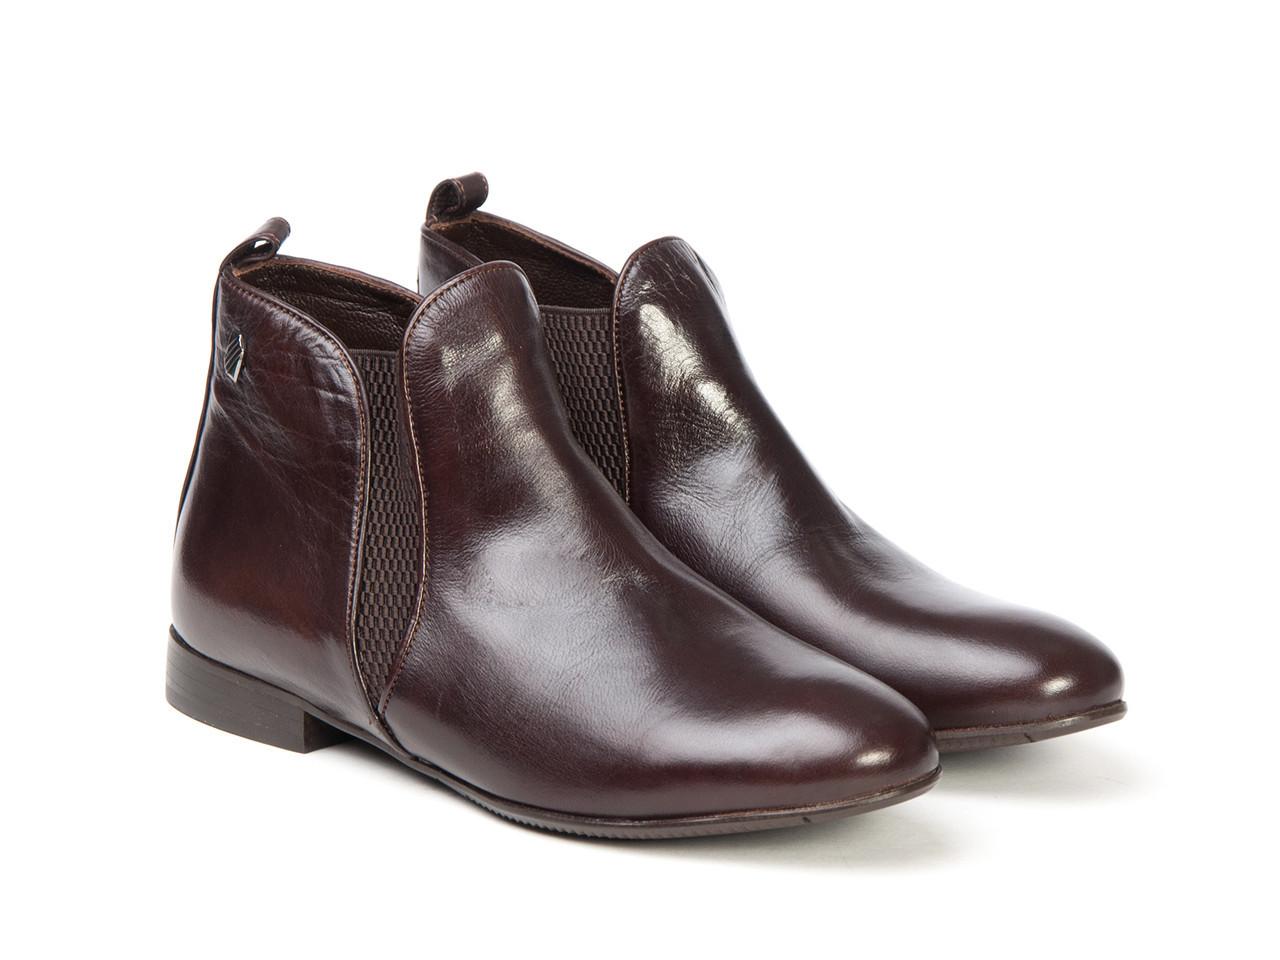 Ботинки Etor 3560-0-3626 36 коричневые